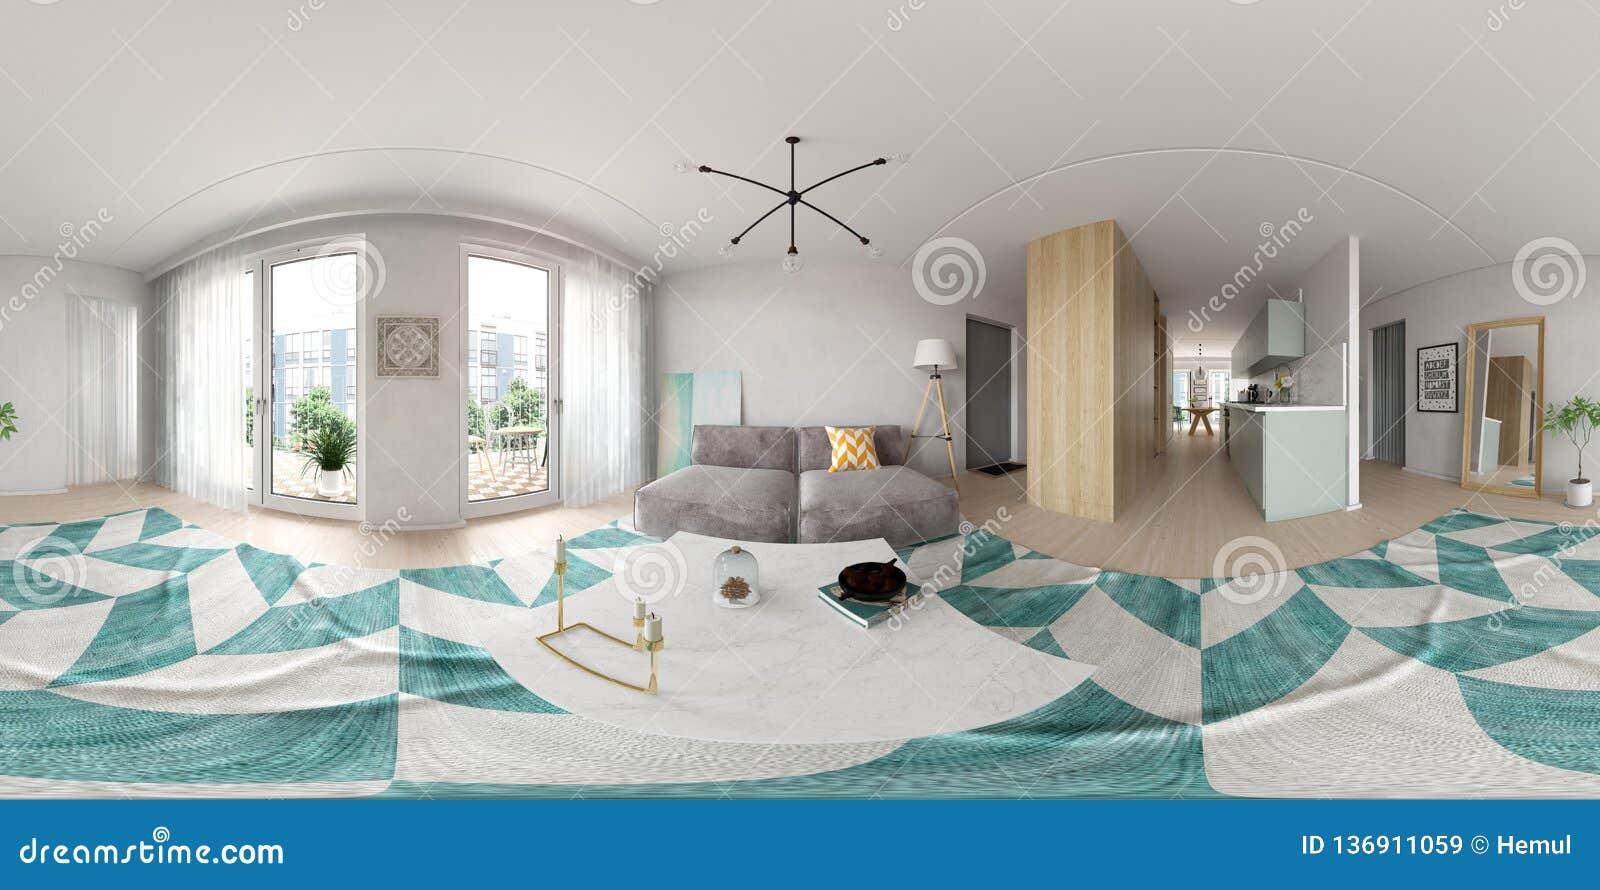 球状360个全景投射斯堪的纳维亚样式室内设计3D翻译